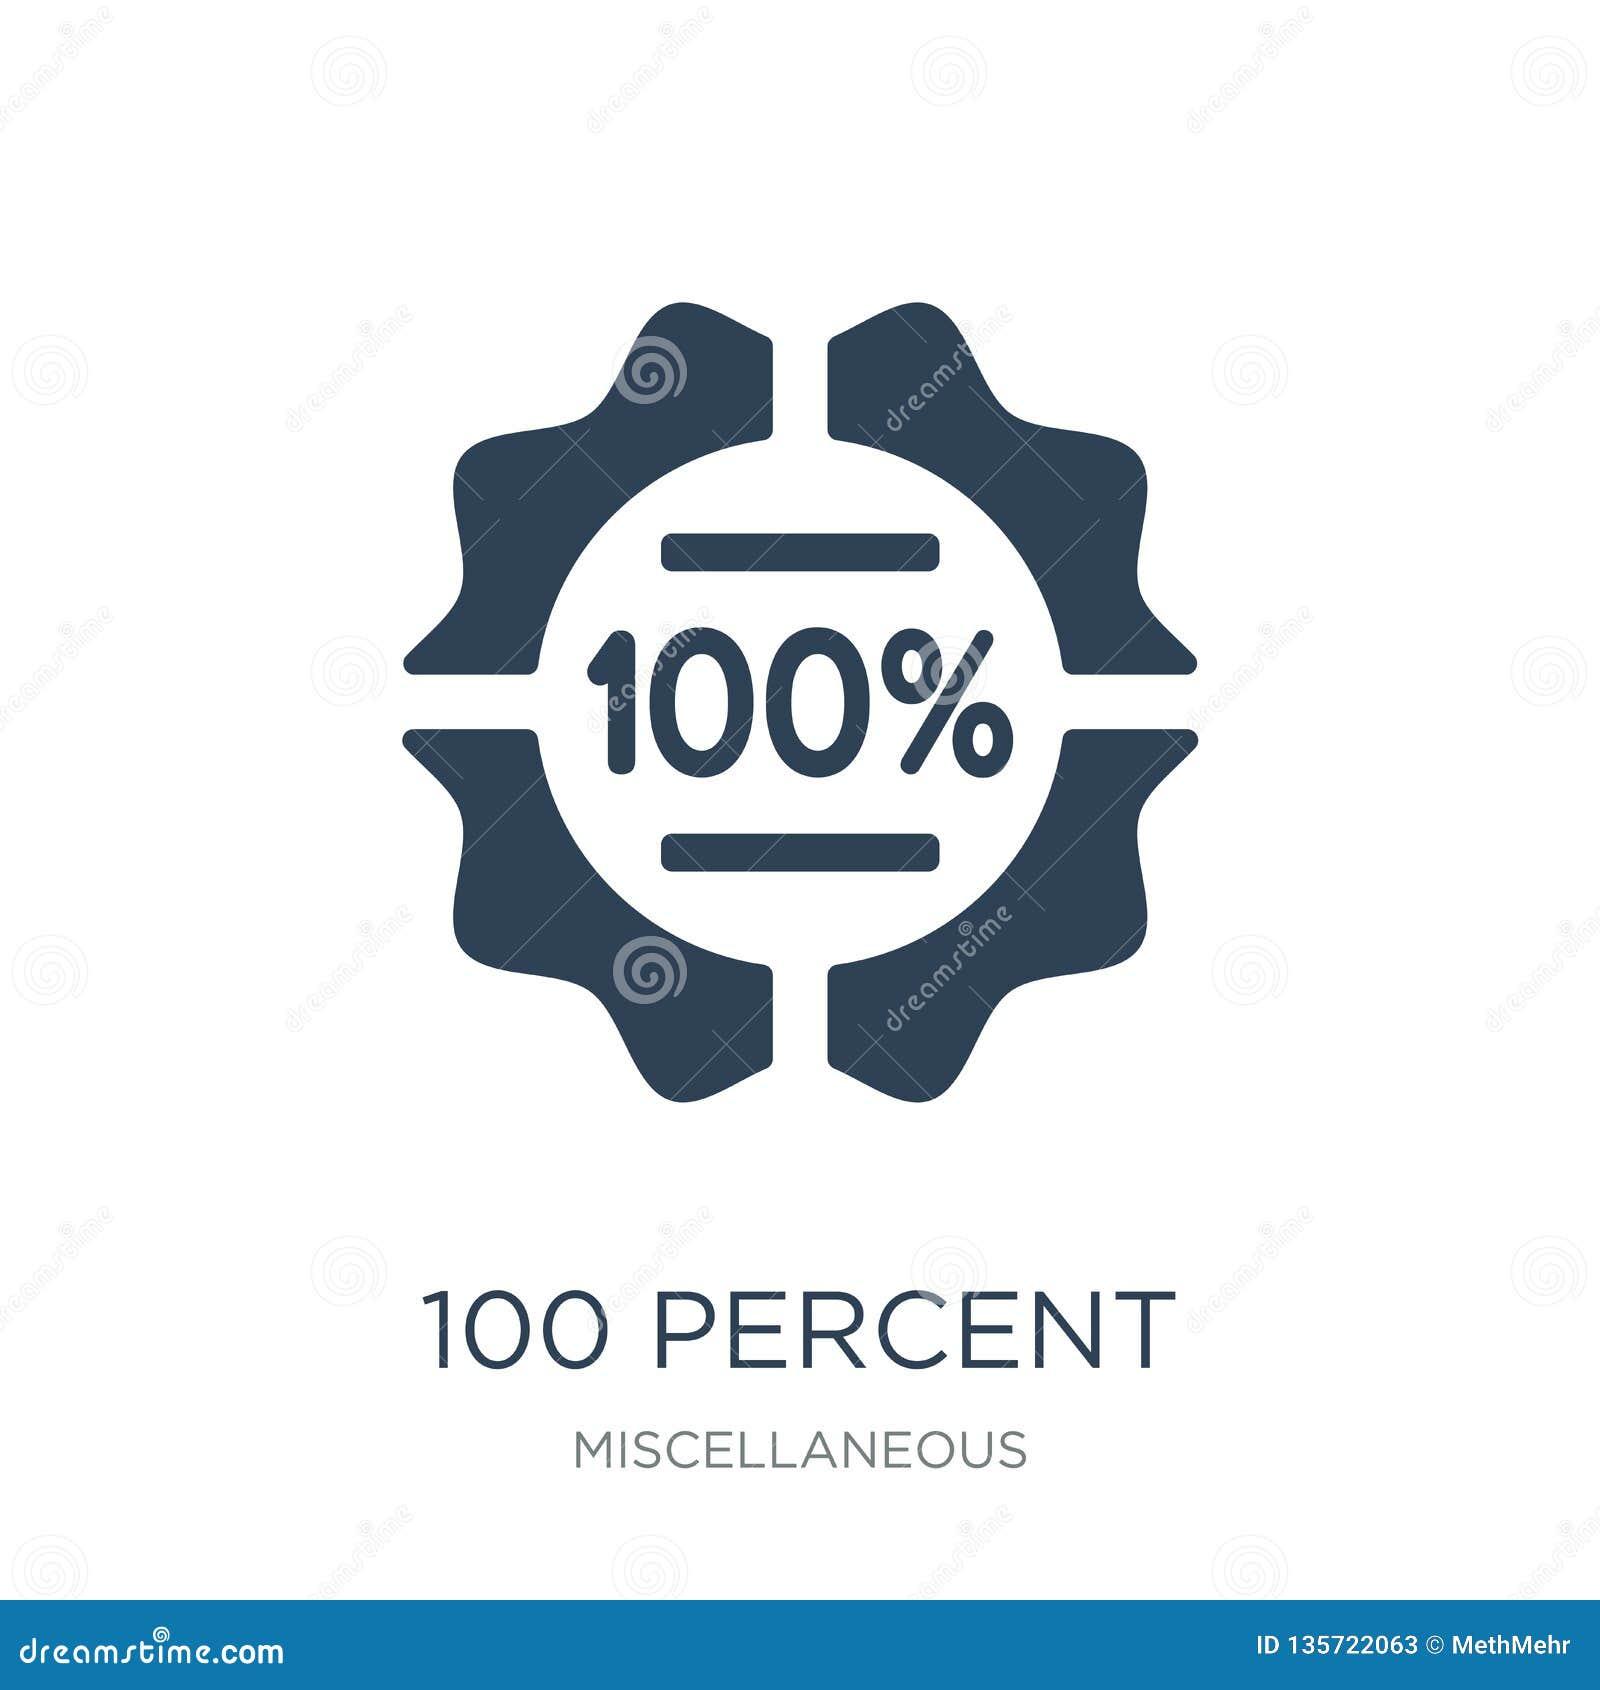 εικονίδιο 100 τοις εκατό στο καθιερώνον τη μόδα ύφος σχεδίου εικονίδιο 100 τοις εκατό που απομονώνεται στο άσπρο υπόβαθρο διανυσμ